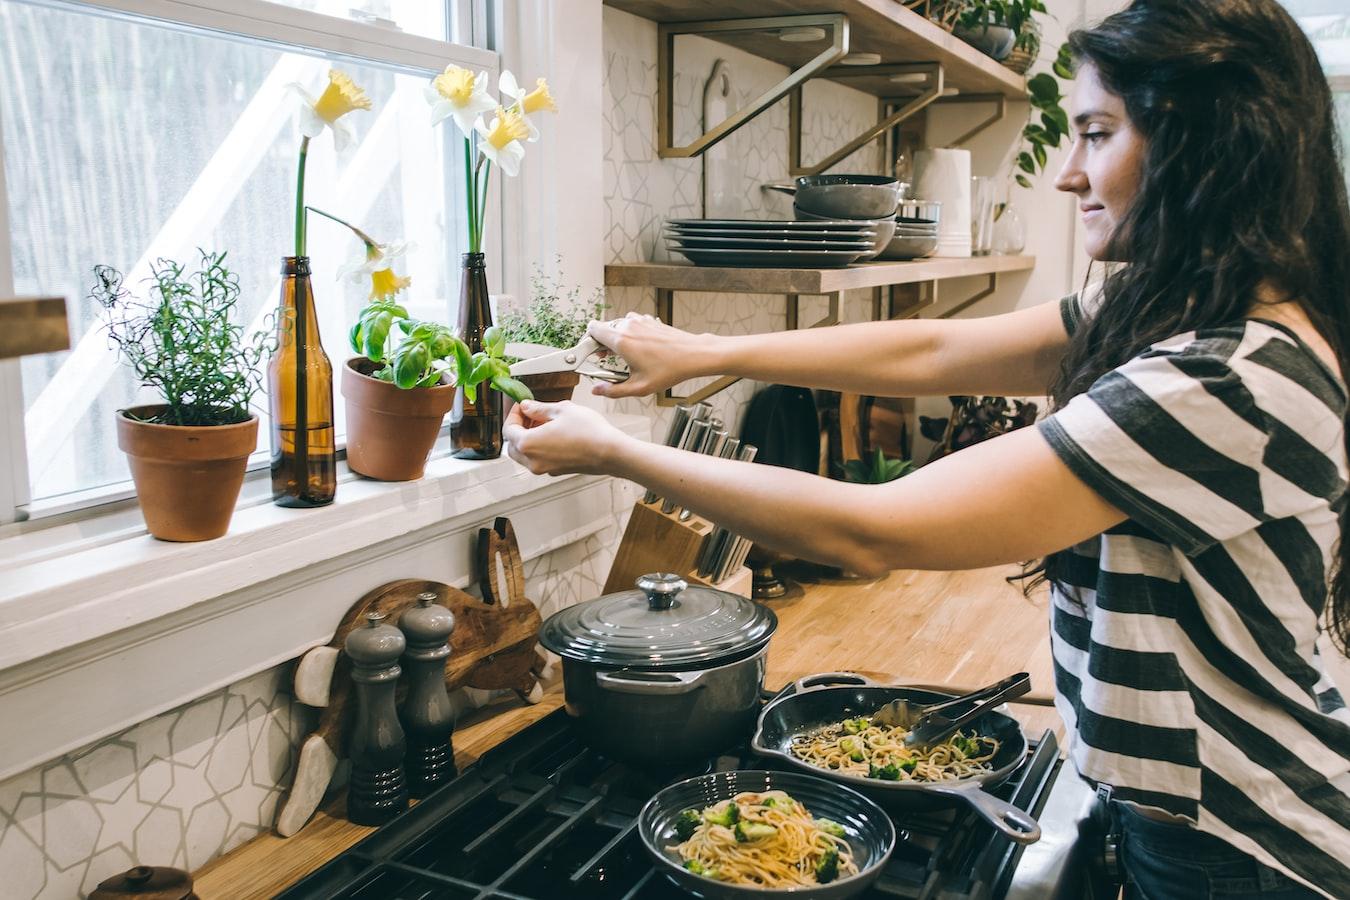 Frau kocht in einer Küche am Herd ein Nudelgericht